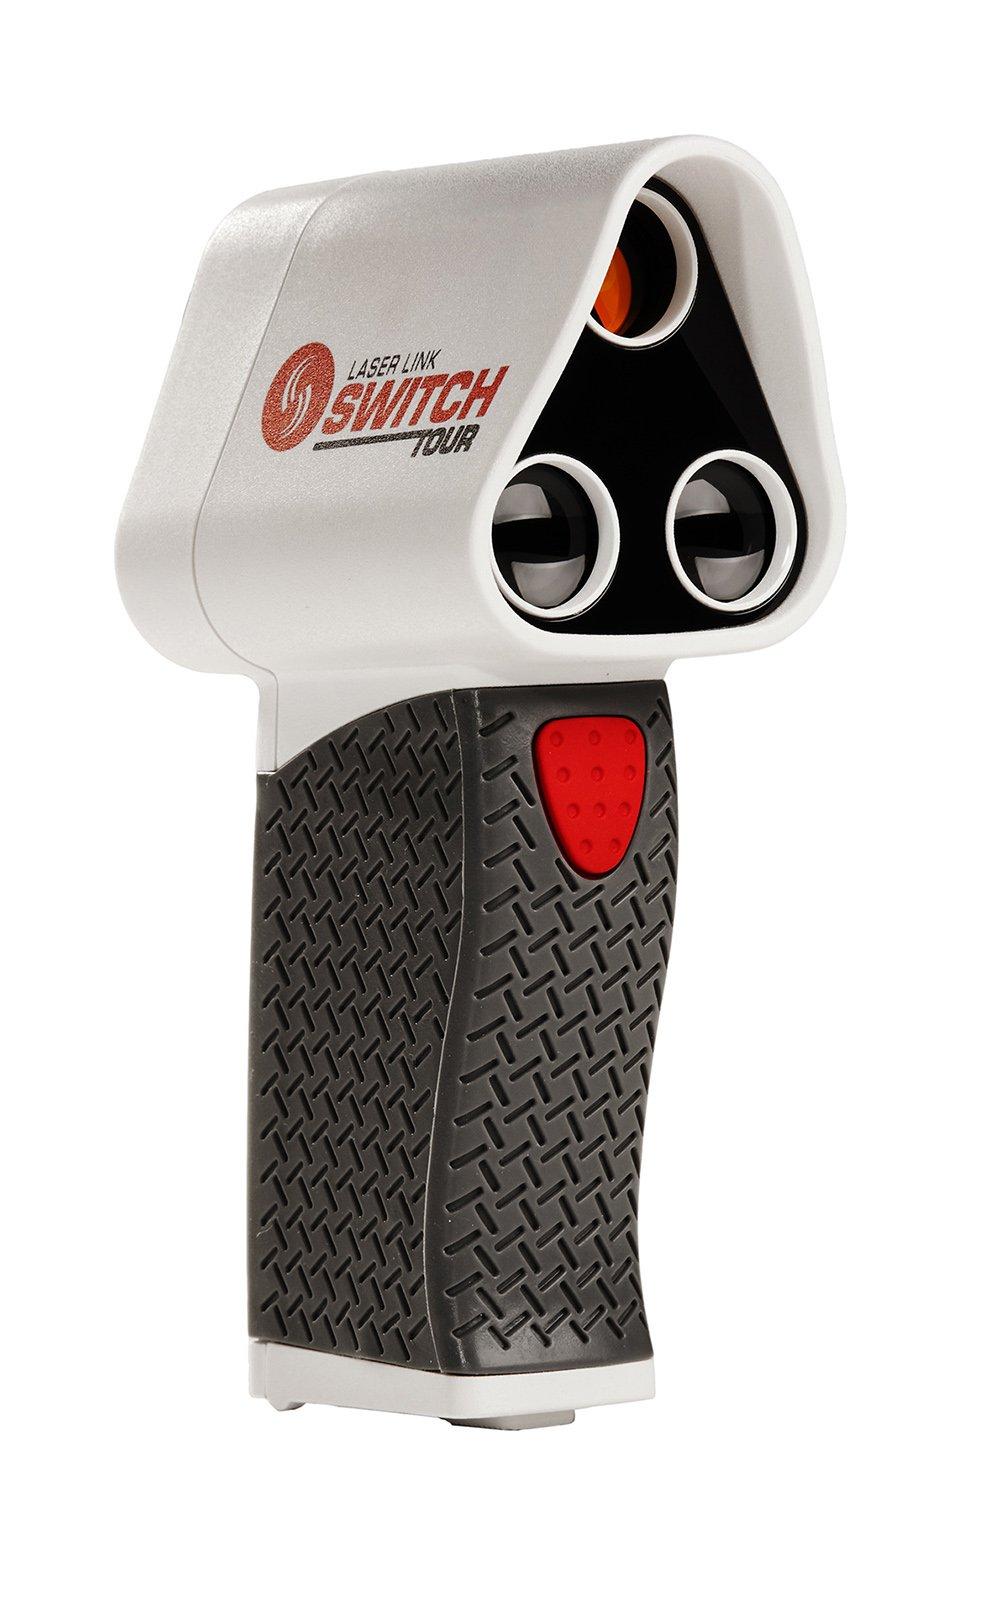 Laser Link Golf Switch Tour Laser Rangefinder